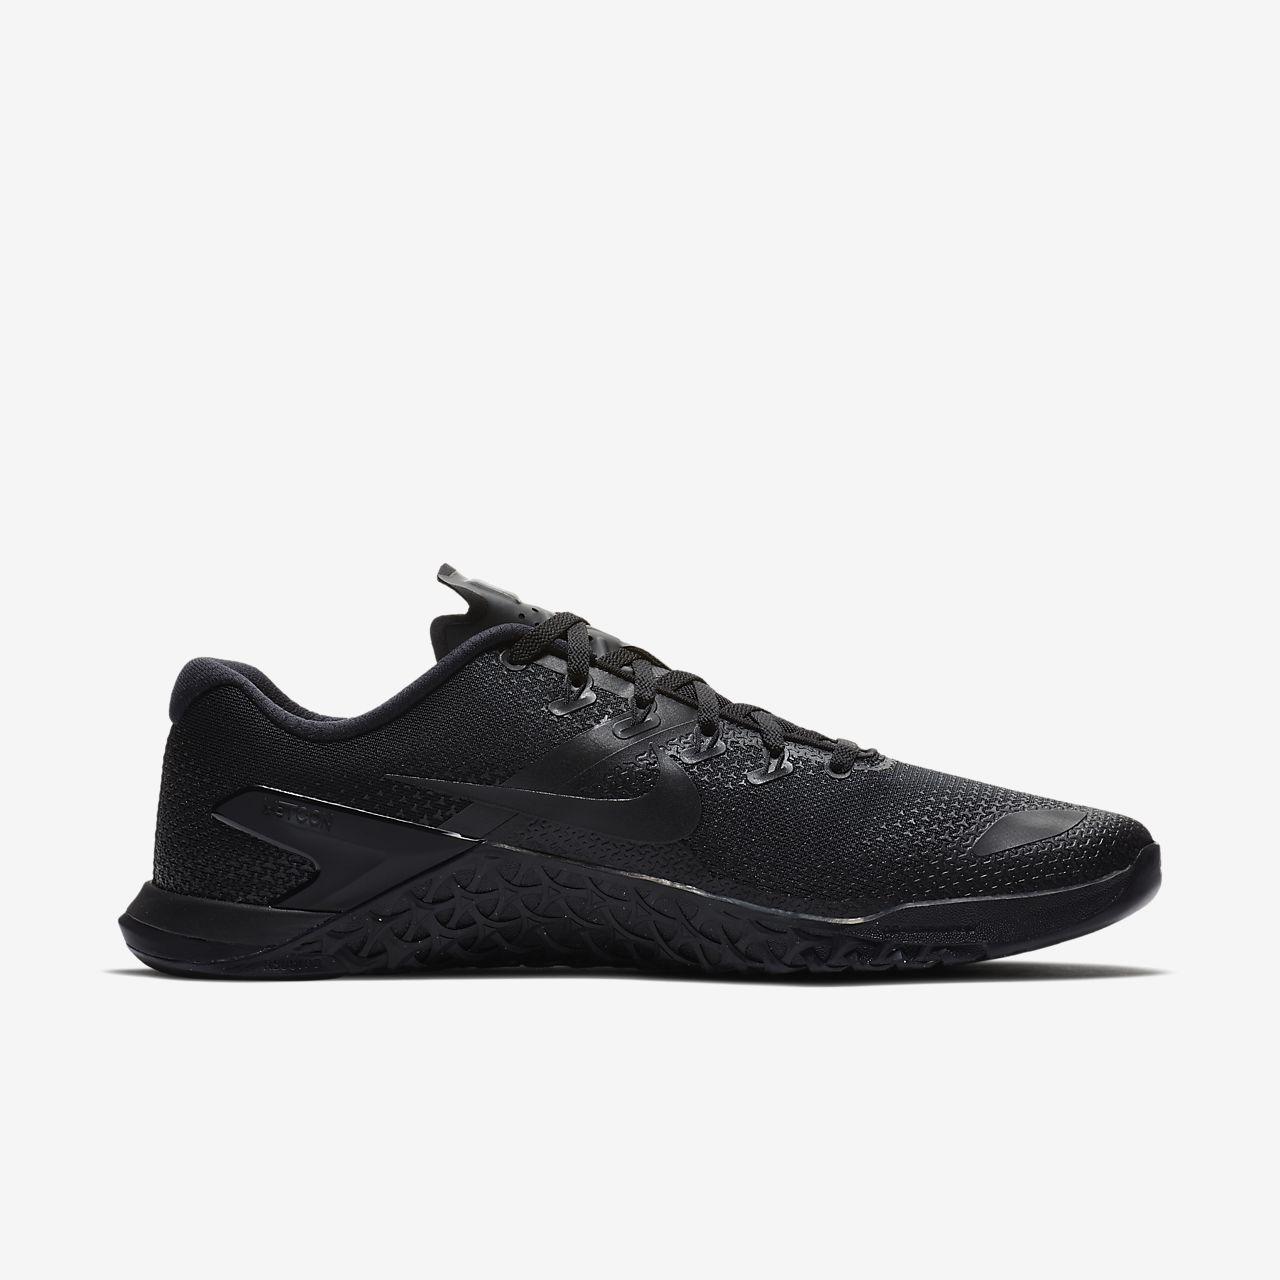 separation shoes 64bee 096cf ... Chaussure de cross-training et de renforcement musculaire Nike Metcon 4  pour Homme